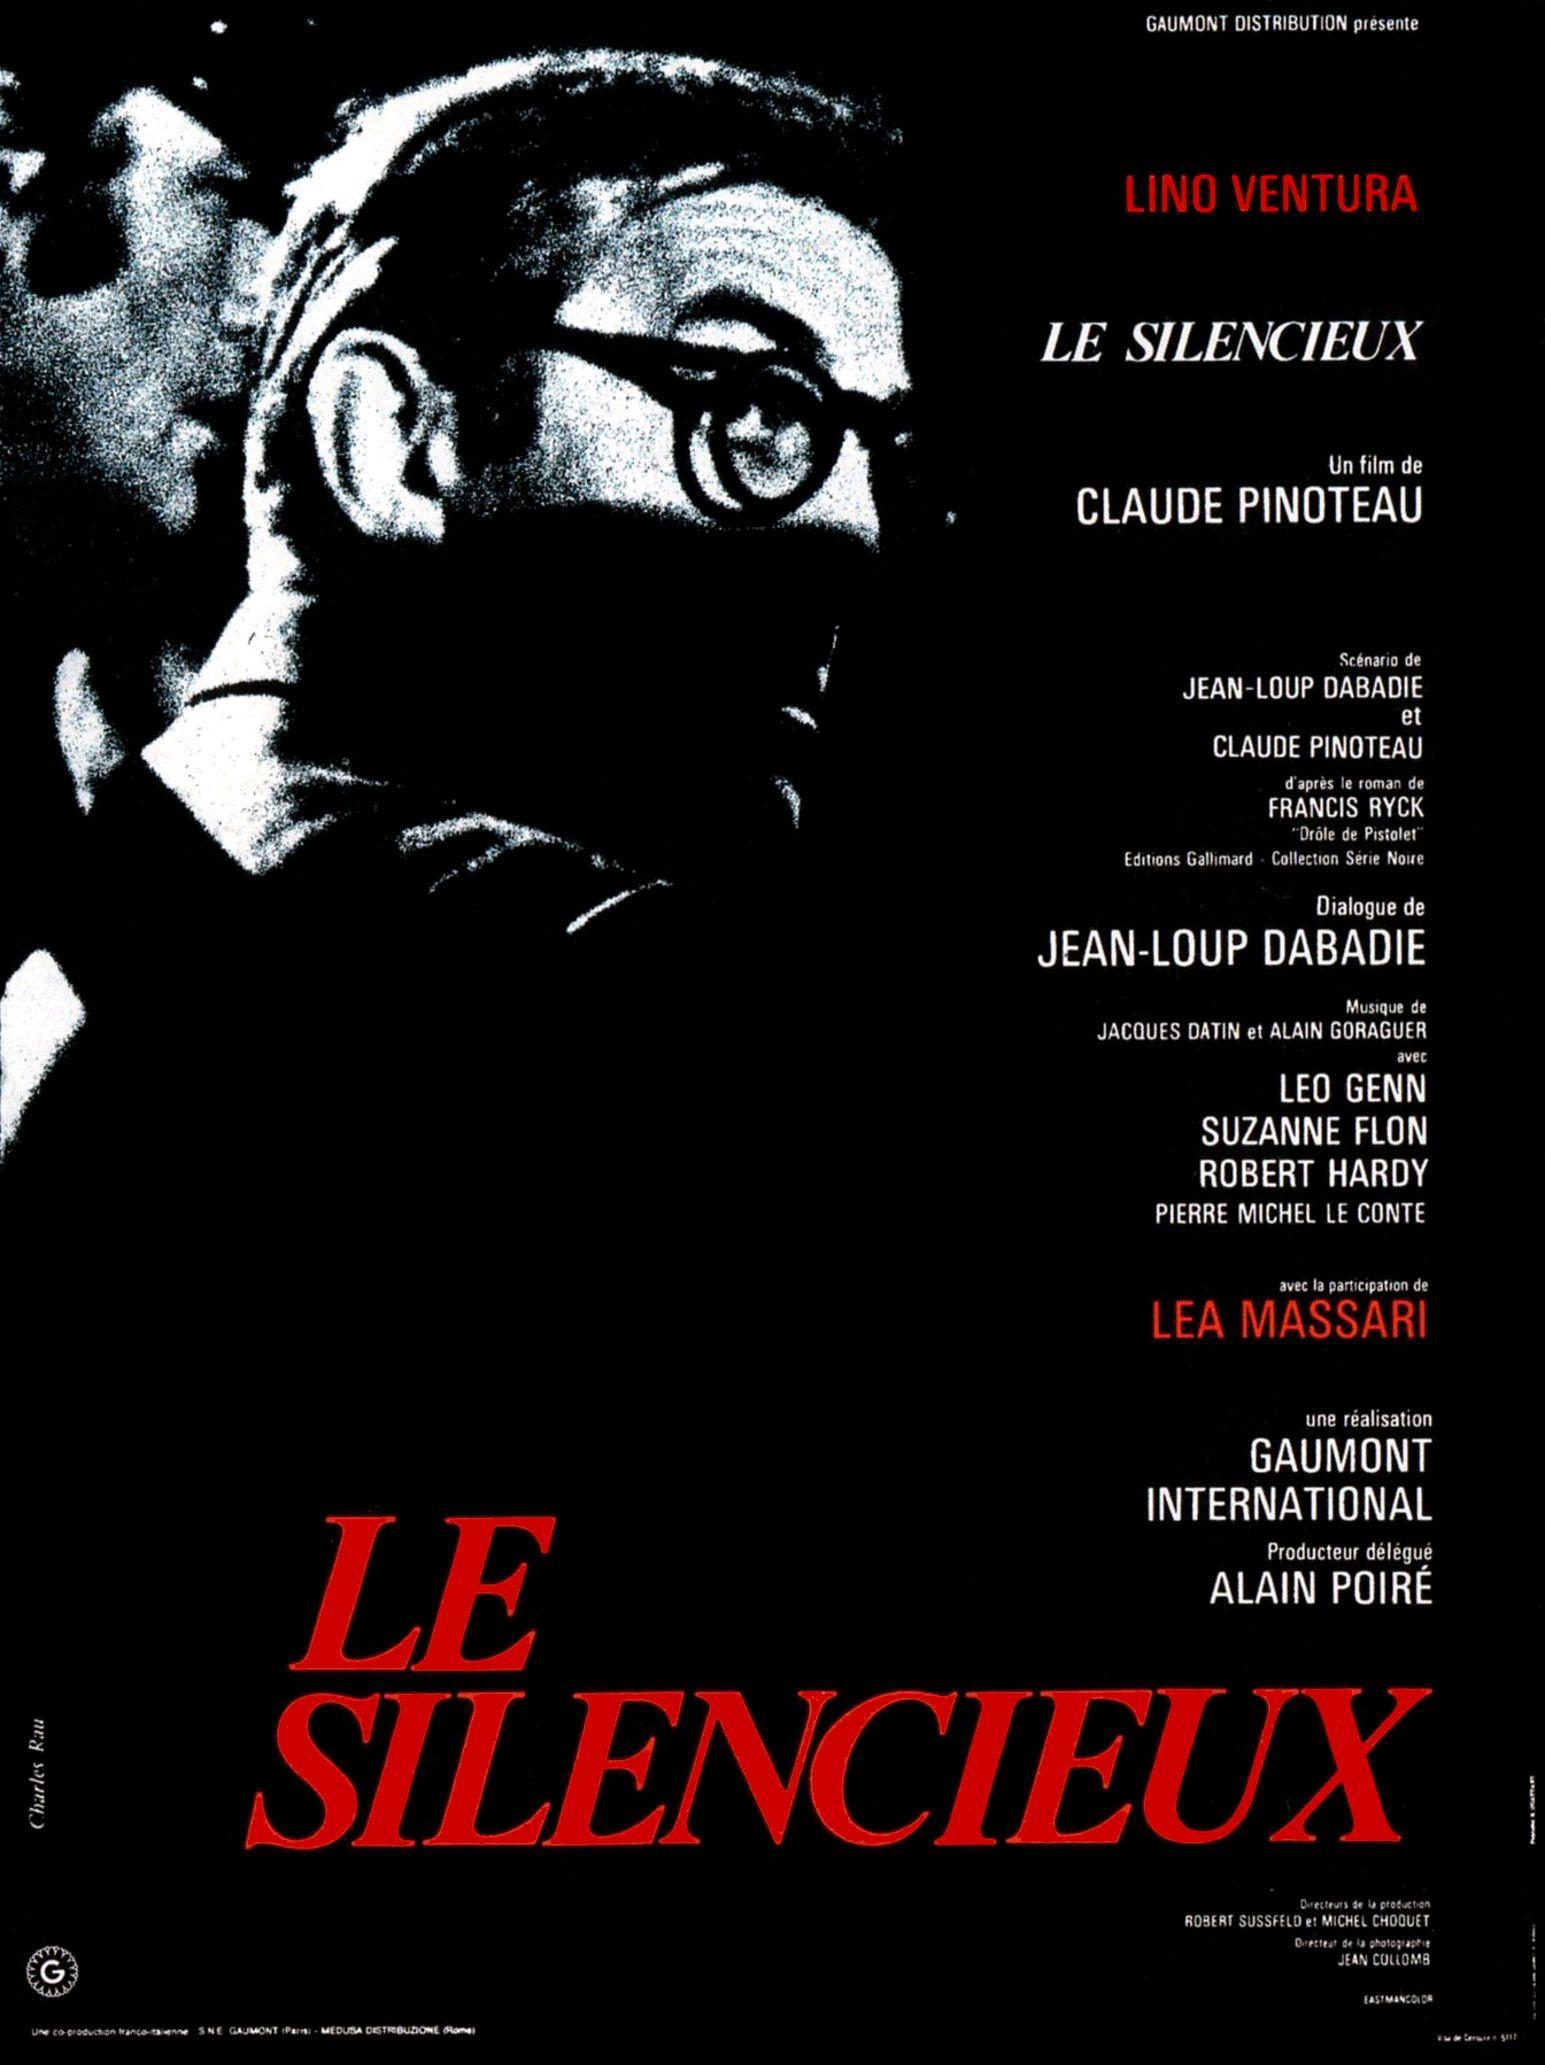 Votre dernier film visionné - Page 19 Le_Silencieux